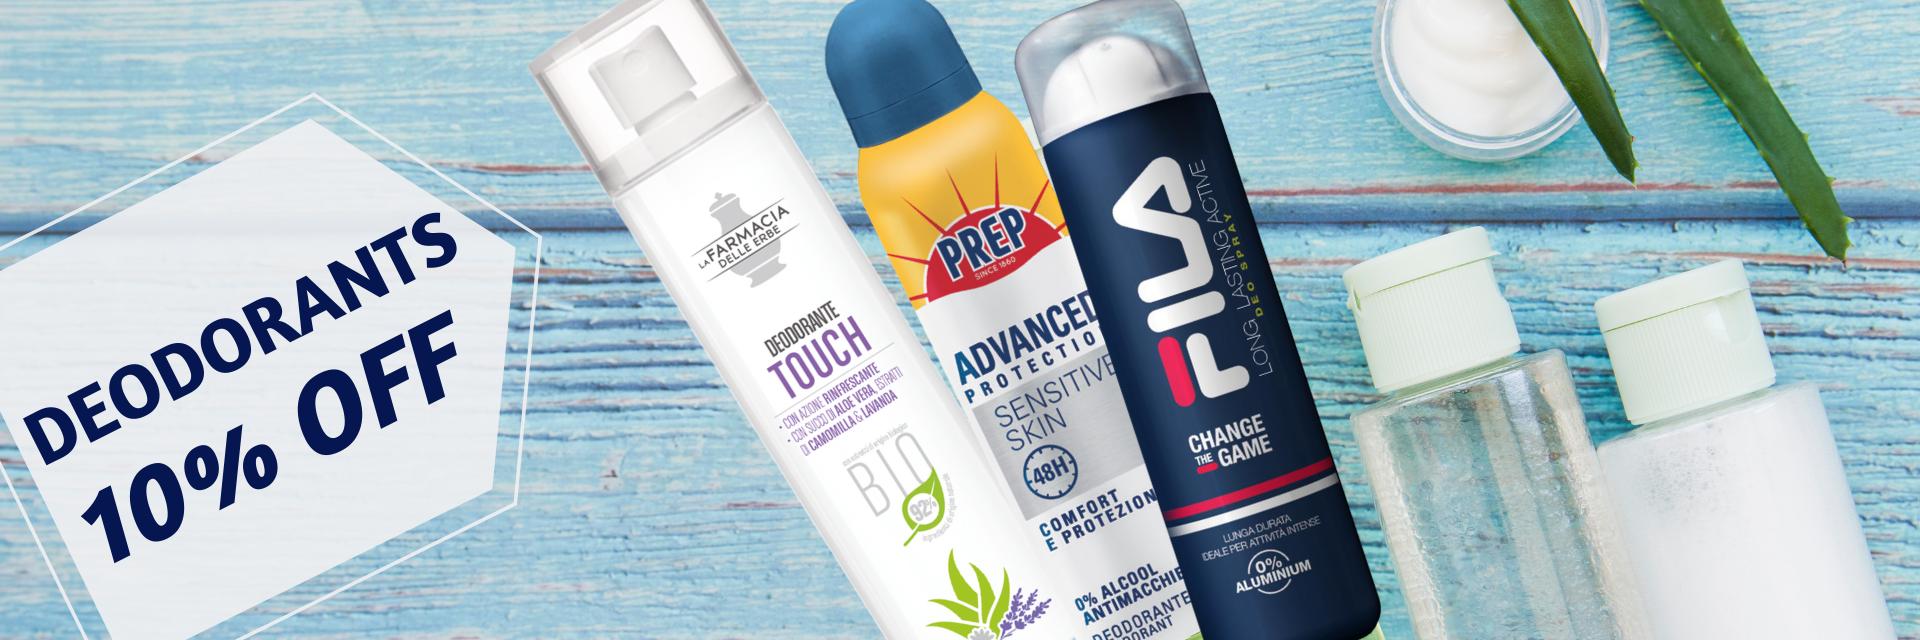 promo deodorants